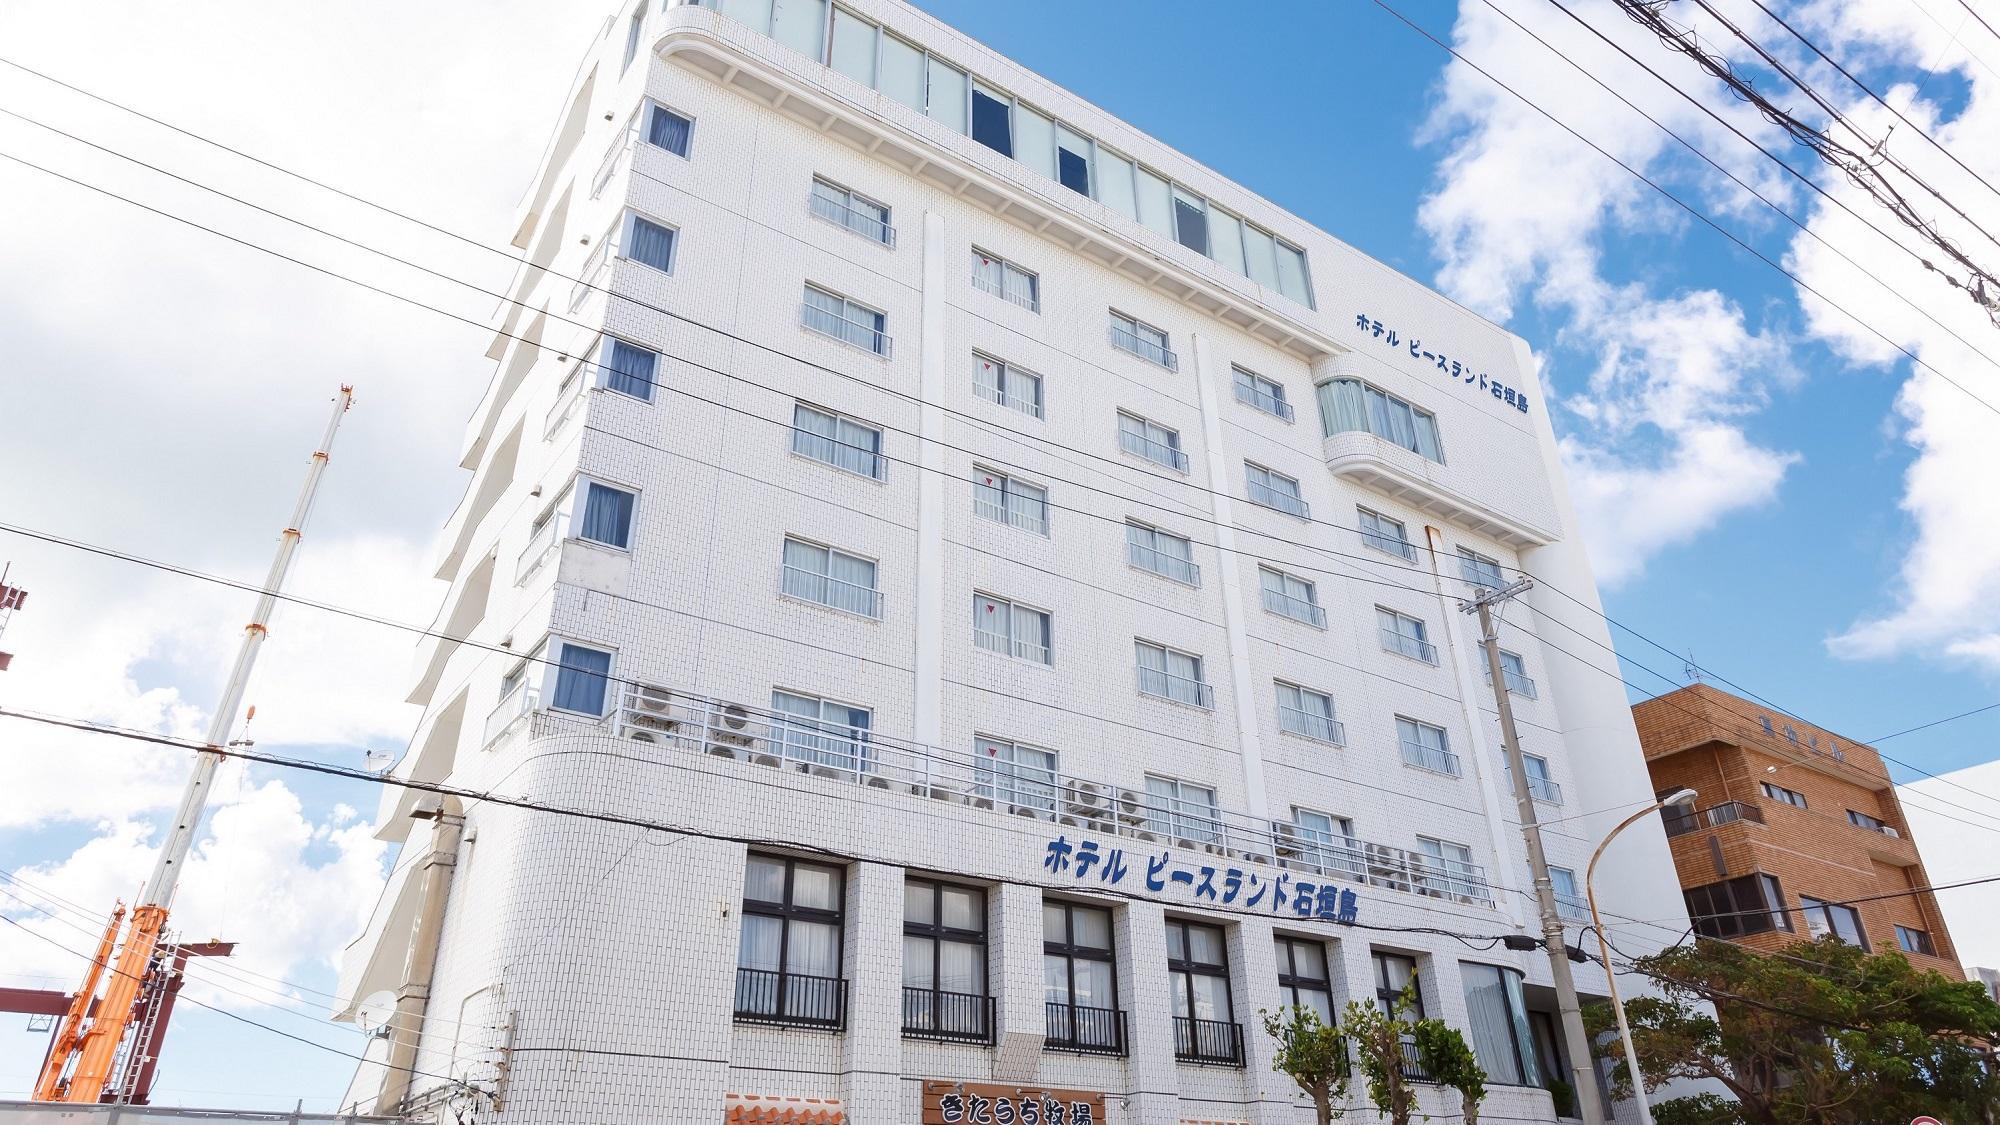 ホテル ピースランド石垣島